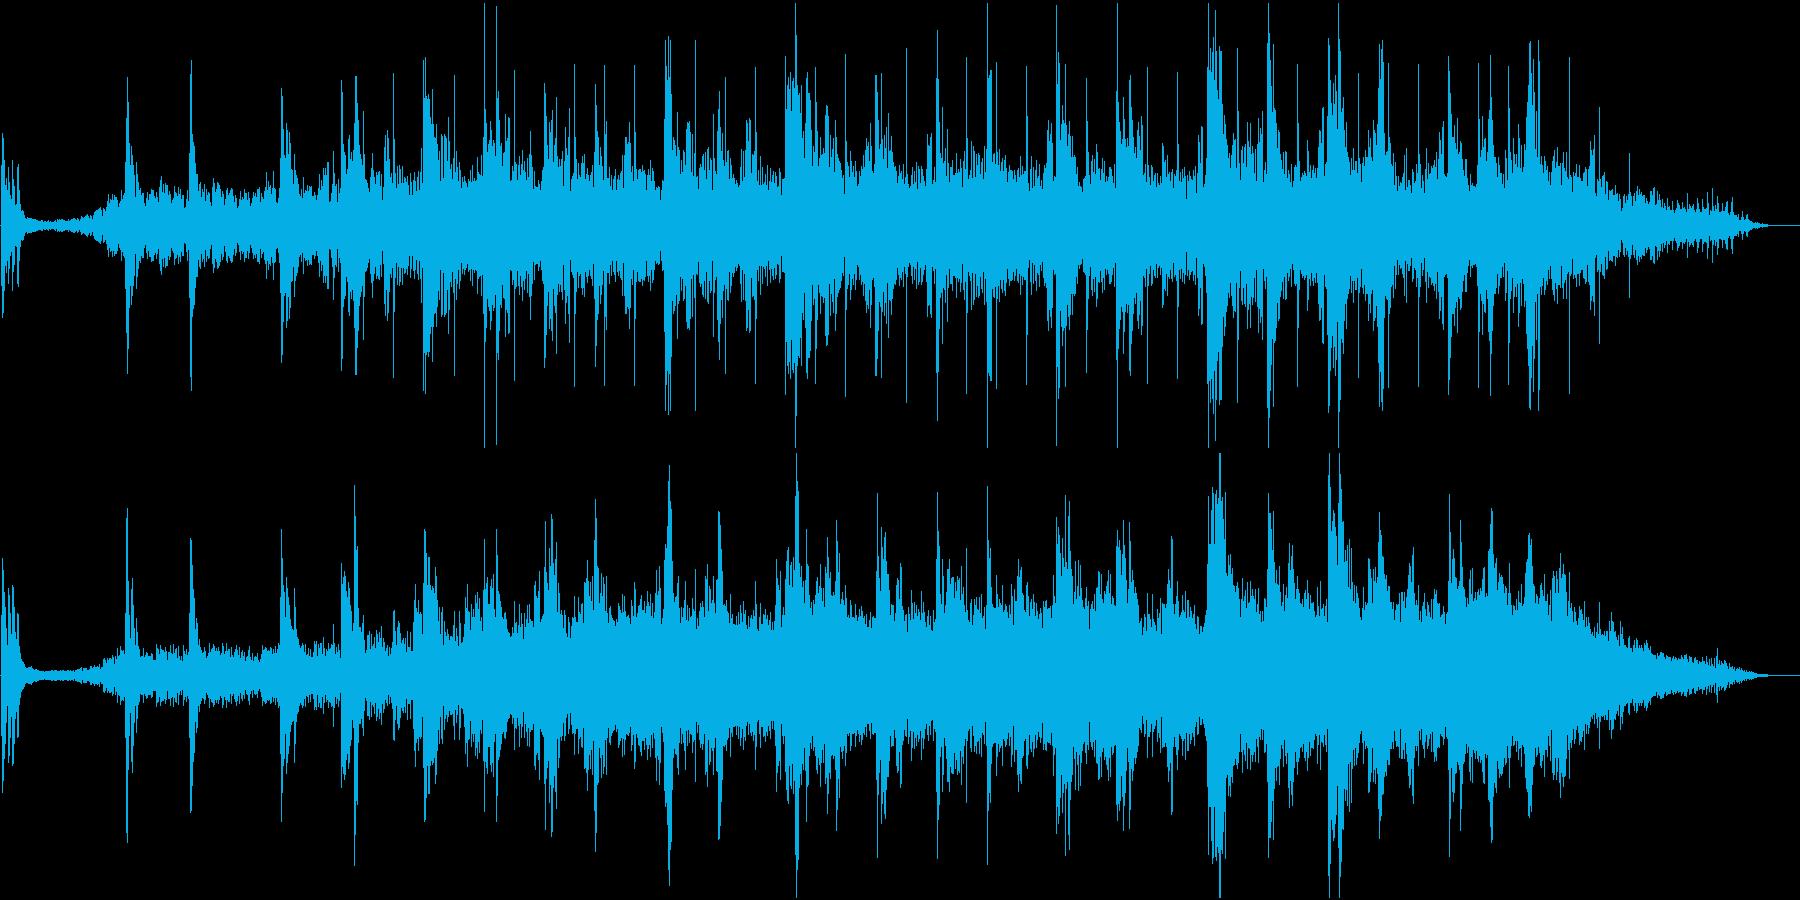 アンビエントなやわらかい響きの音楽の再生済みの波形